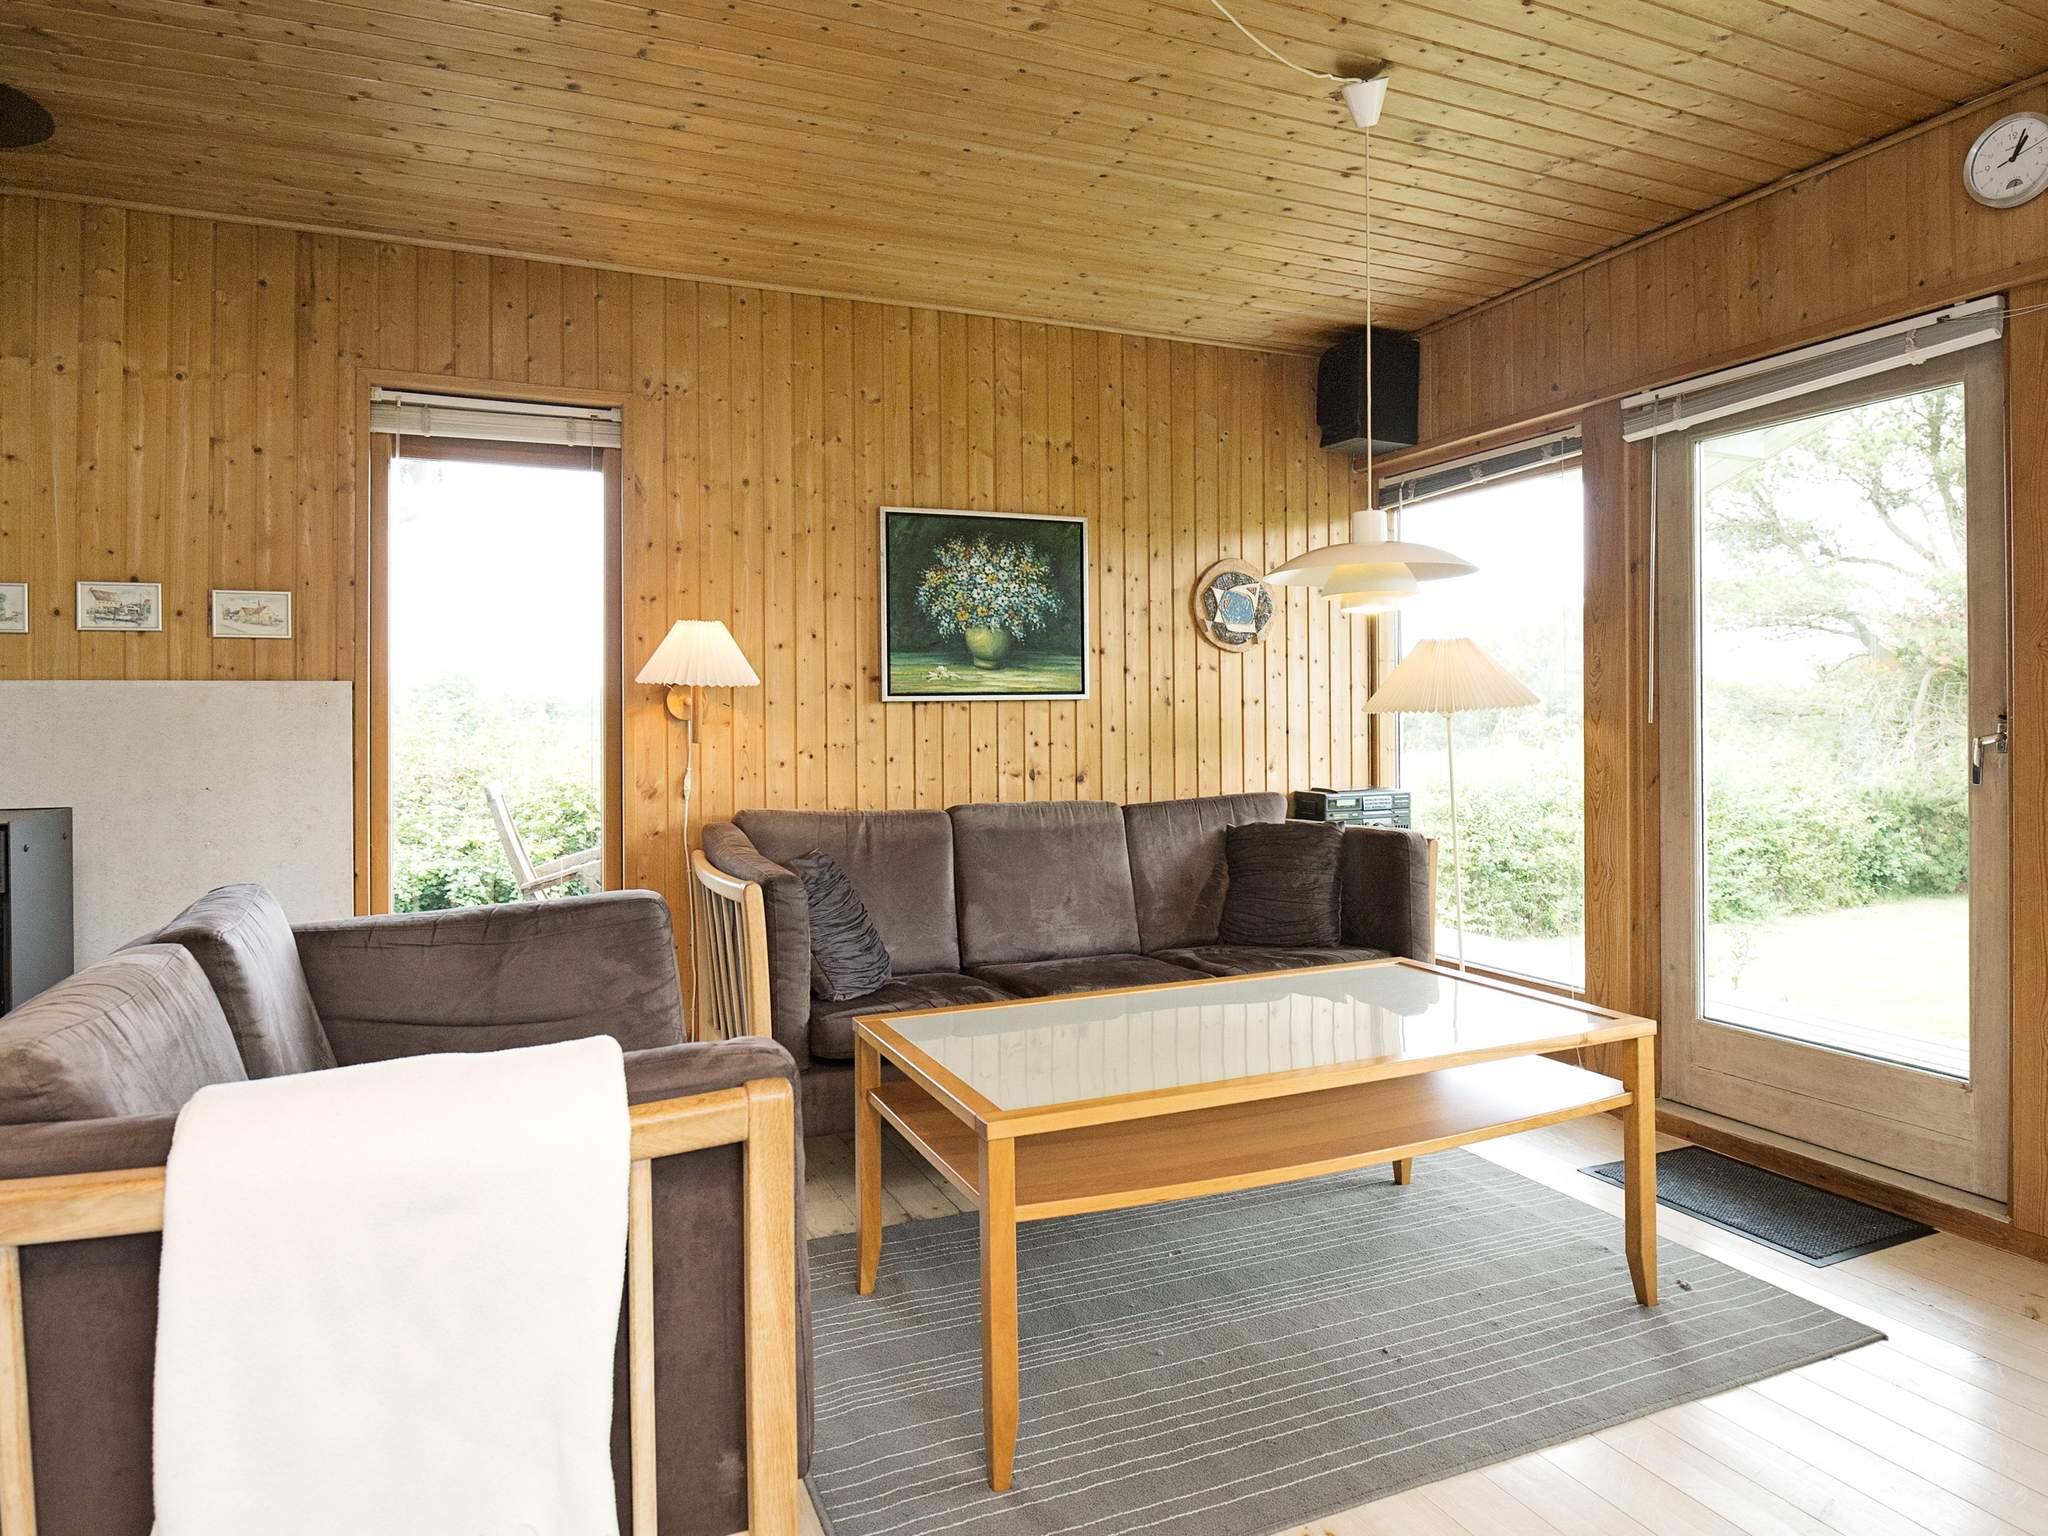 Ferienhaus Enø (85461), Karrebæksminde, , Südseeland, Dänemark, Bild 10